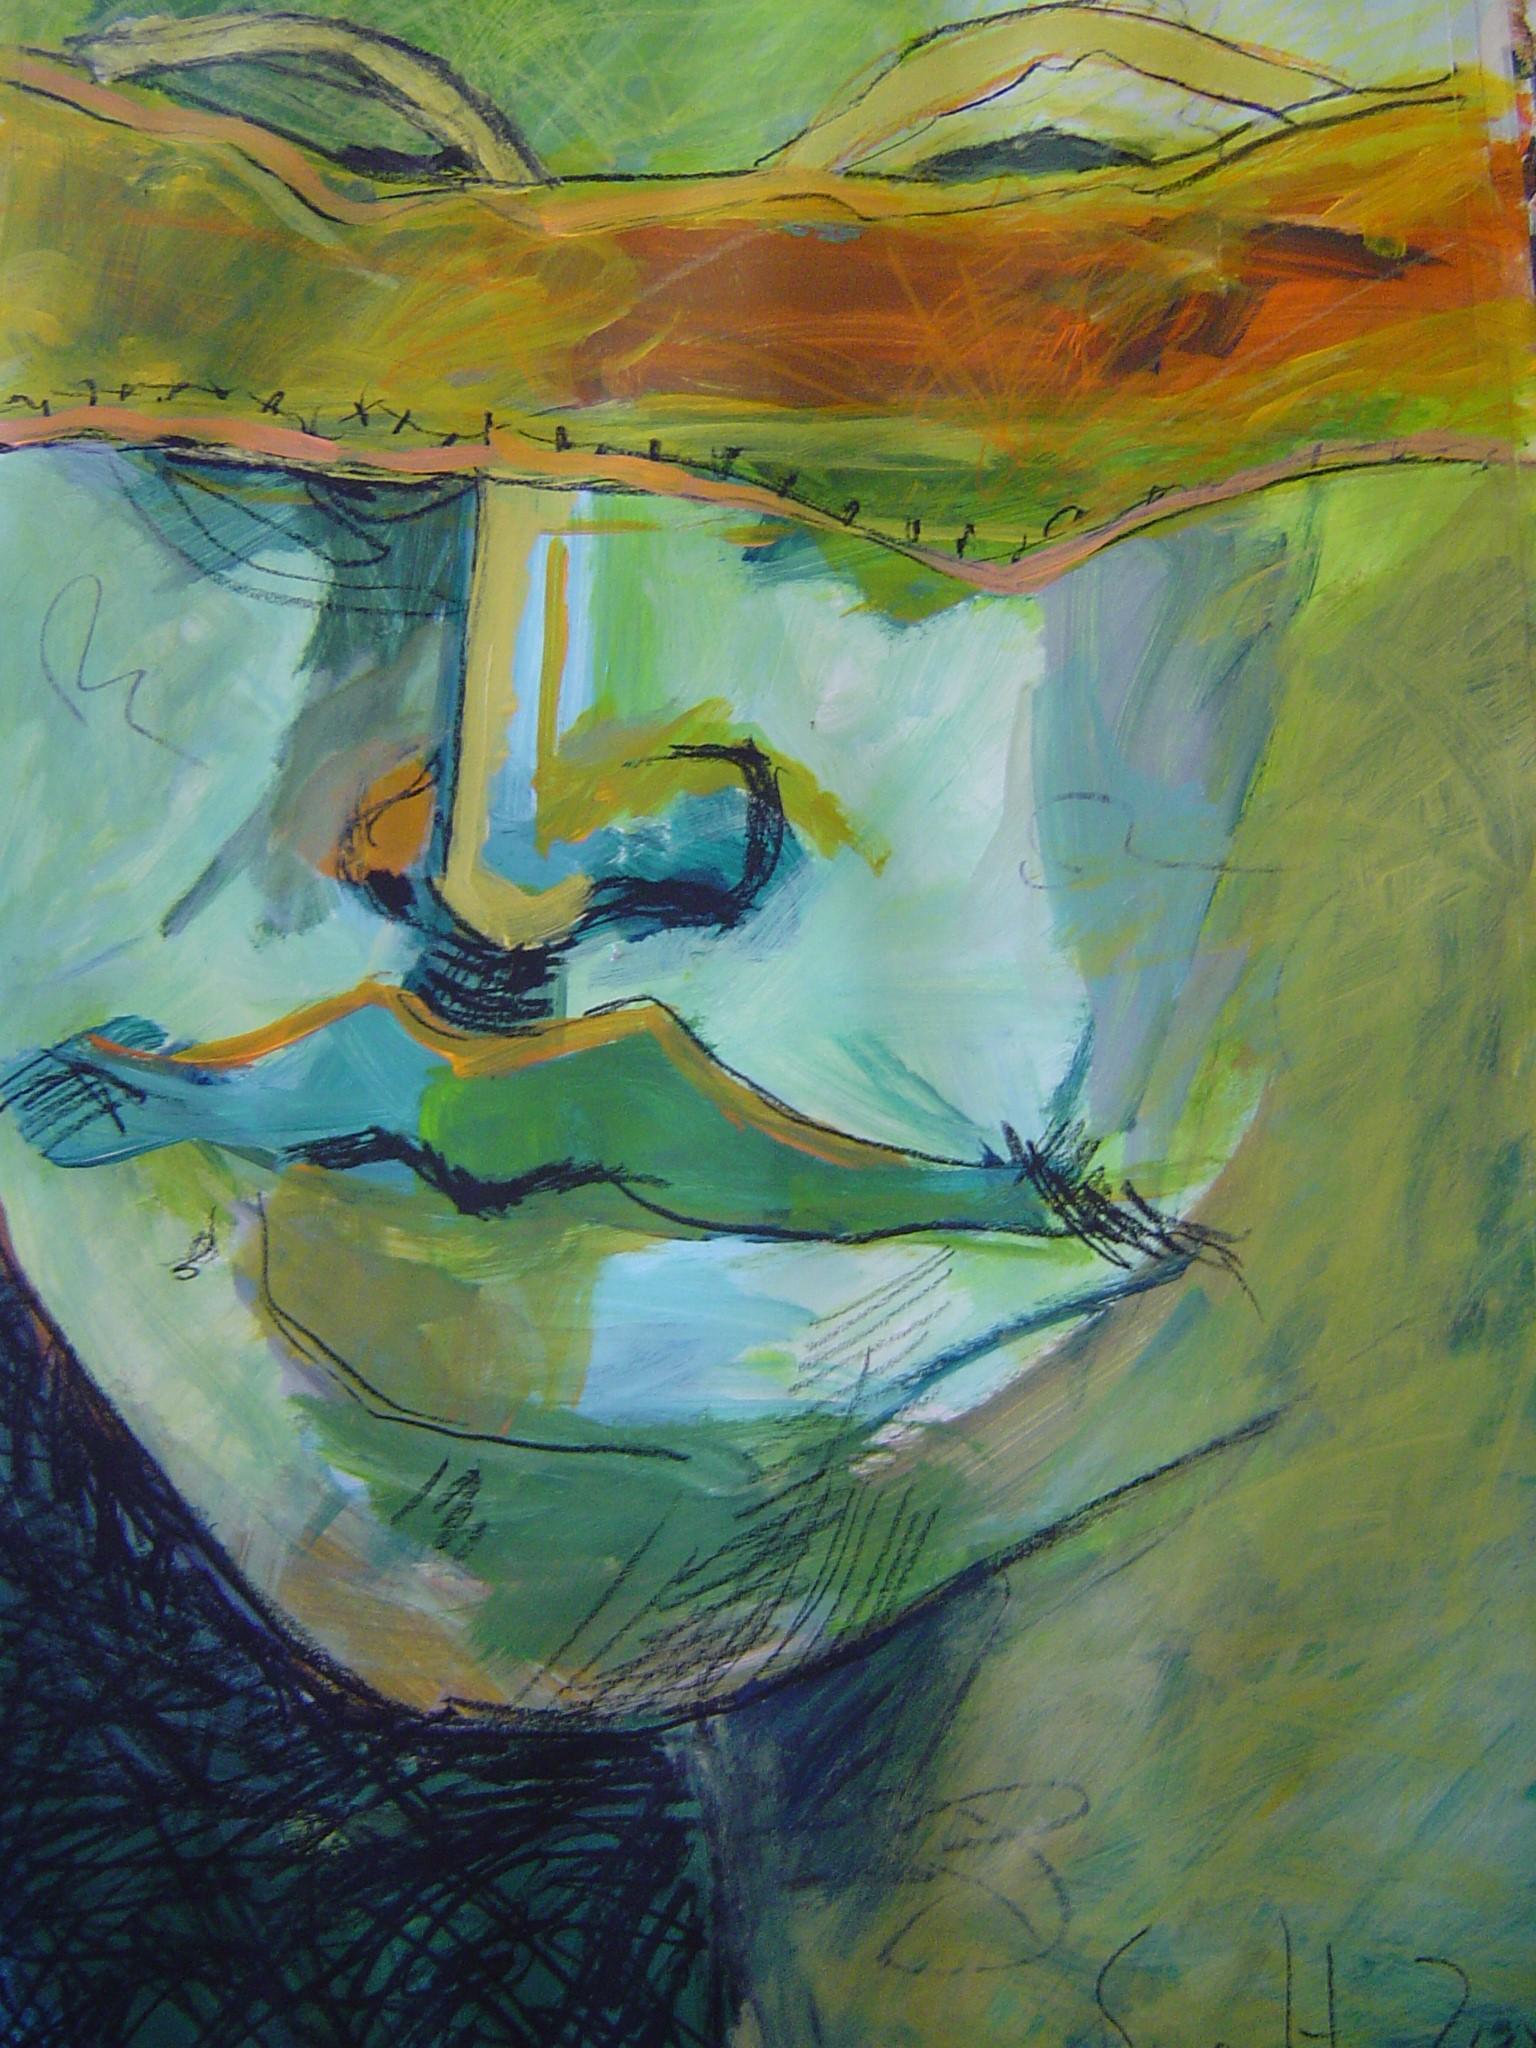 Wie Blind sind wir, 70 x 100 cm, 2005, Arcyl und Ölkreide auf Papier, Zeichnung von Susanne Haun (C) VG Bild Kunst, Bonn 2019